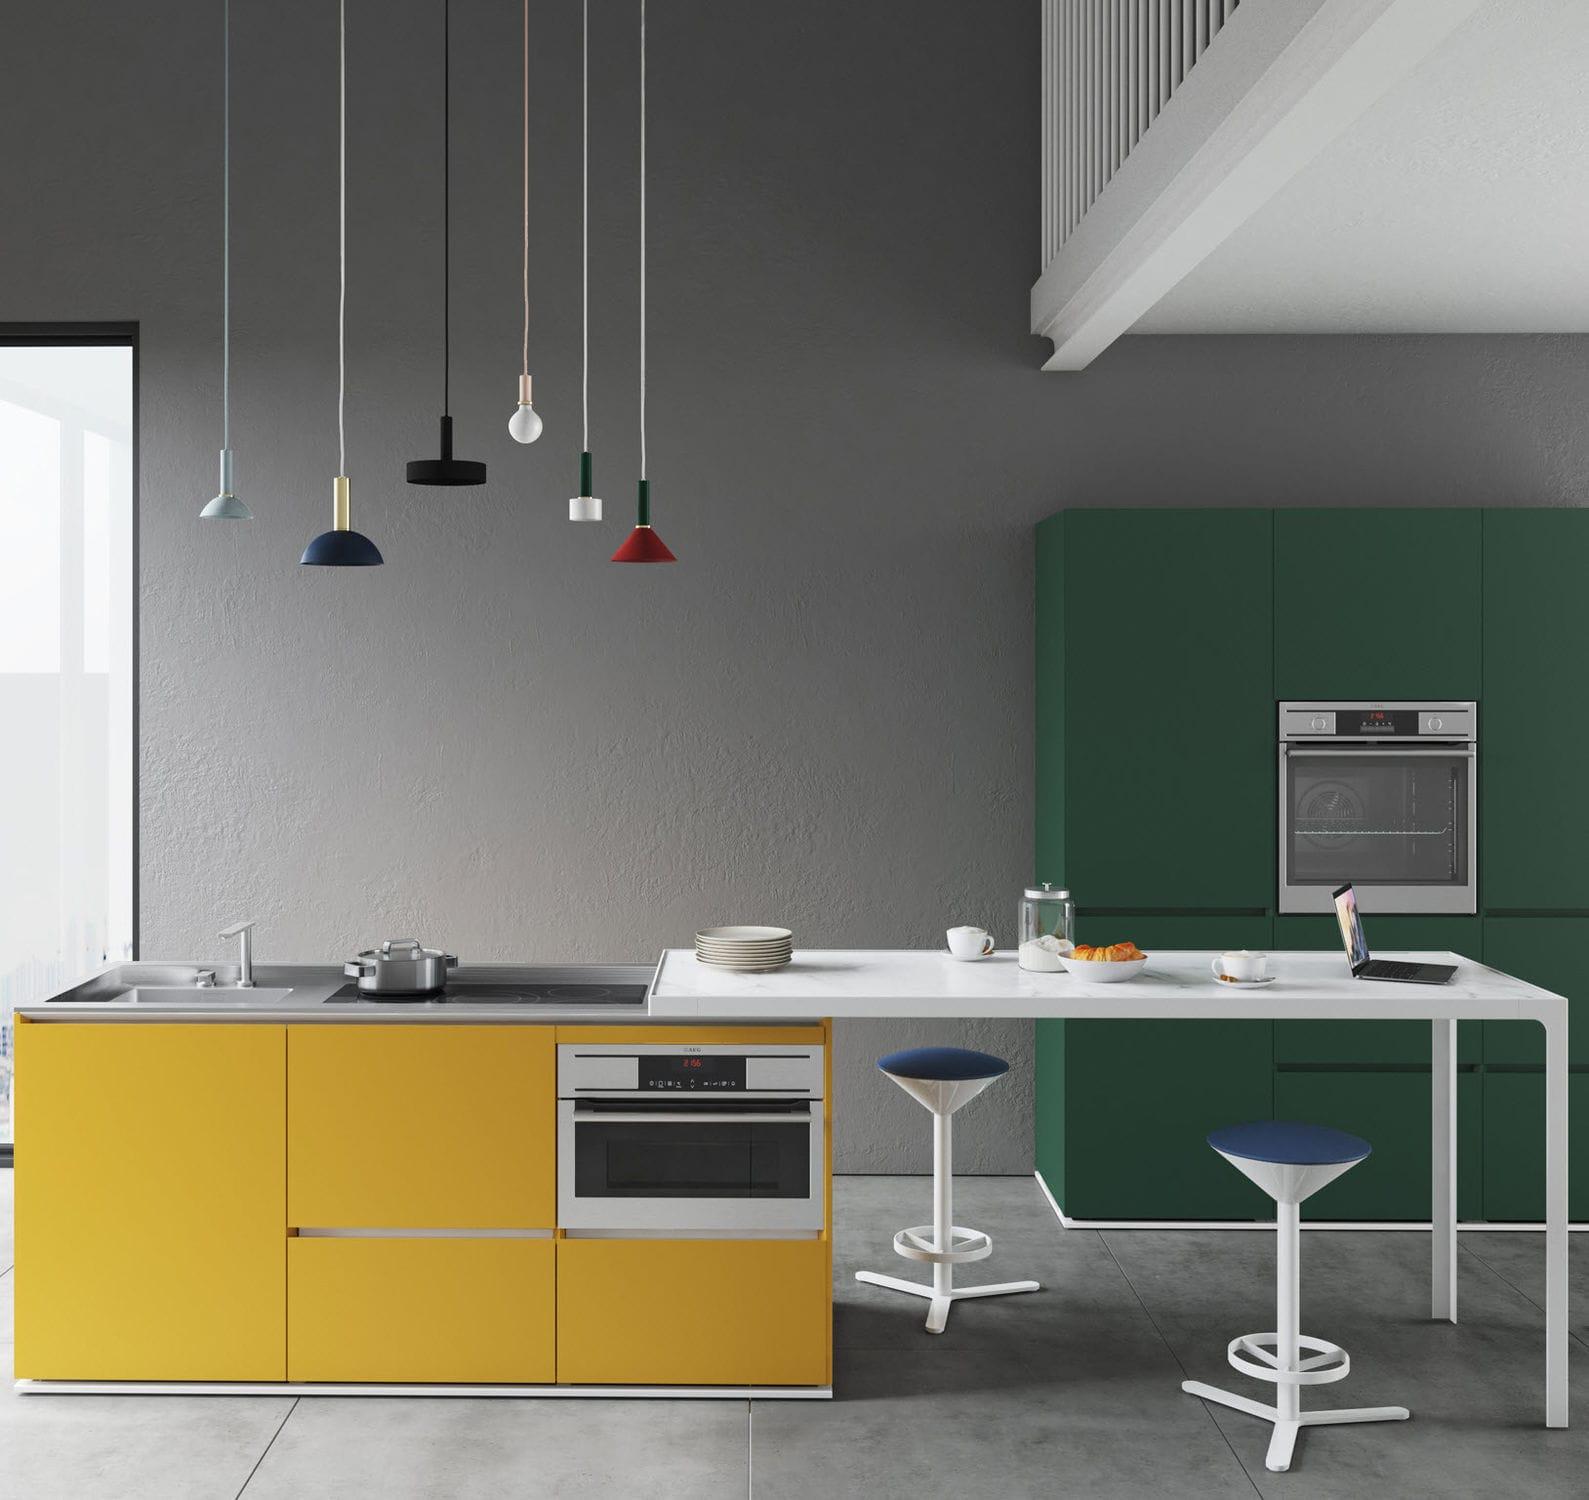 bancone da cucina / in legno laccato / in metallo / dritto - compact